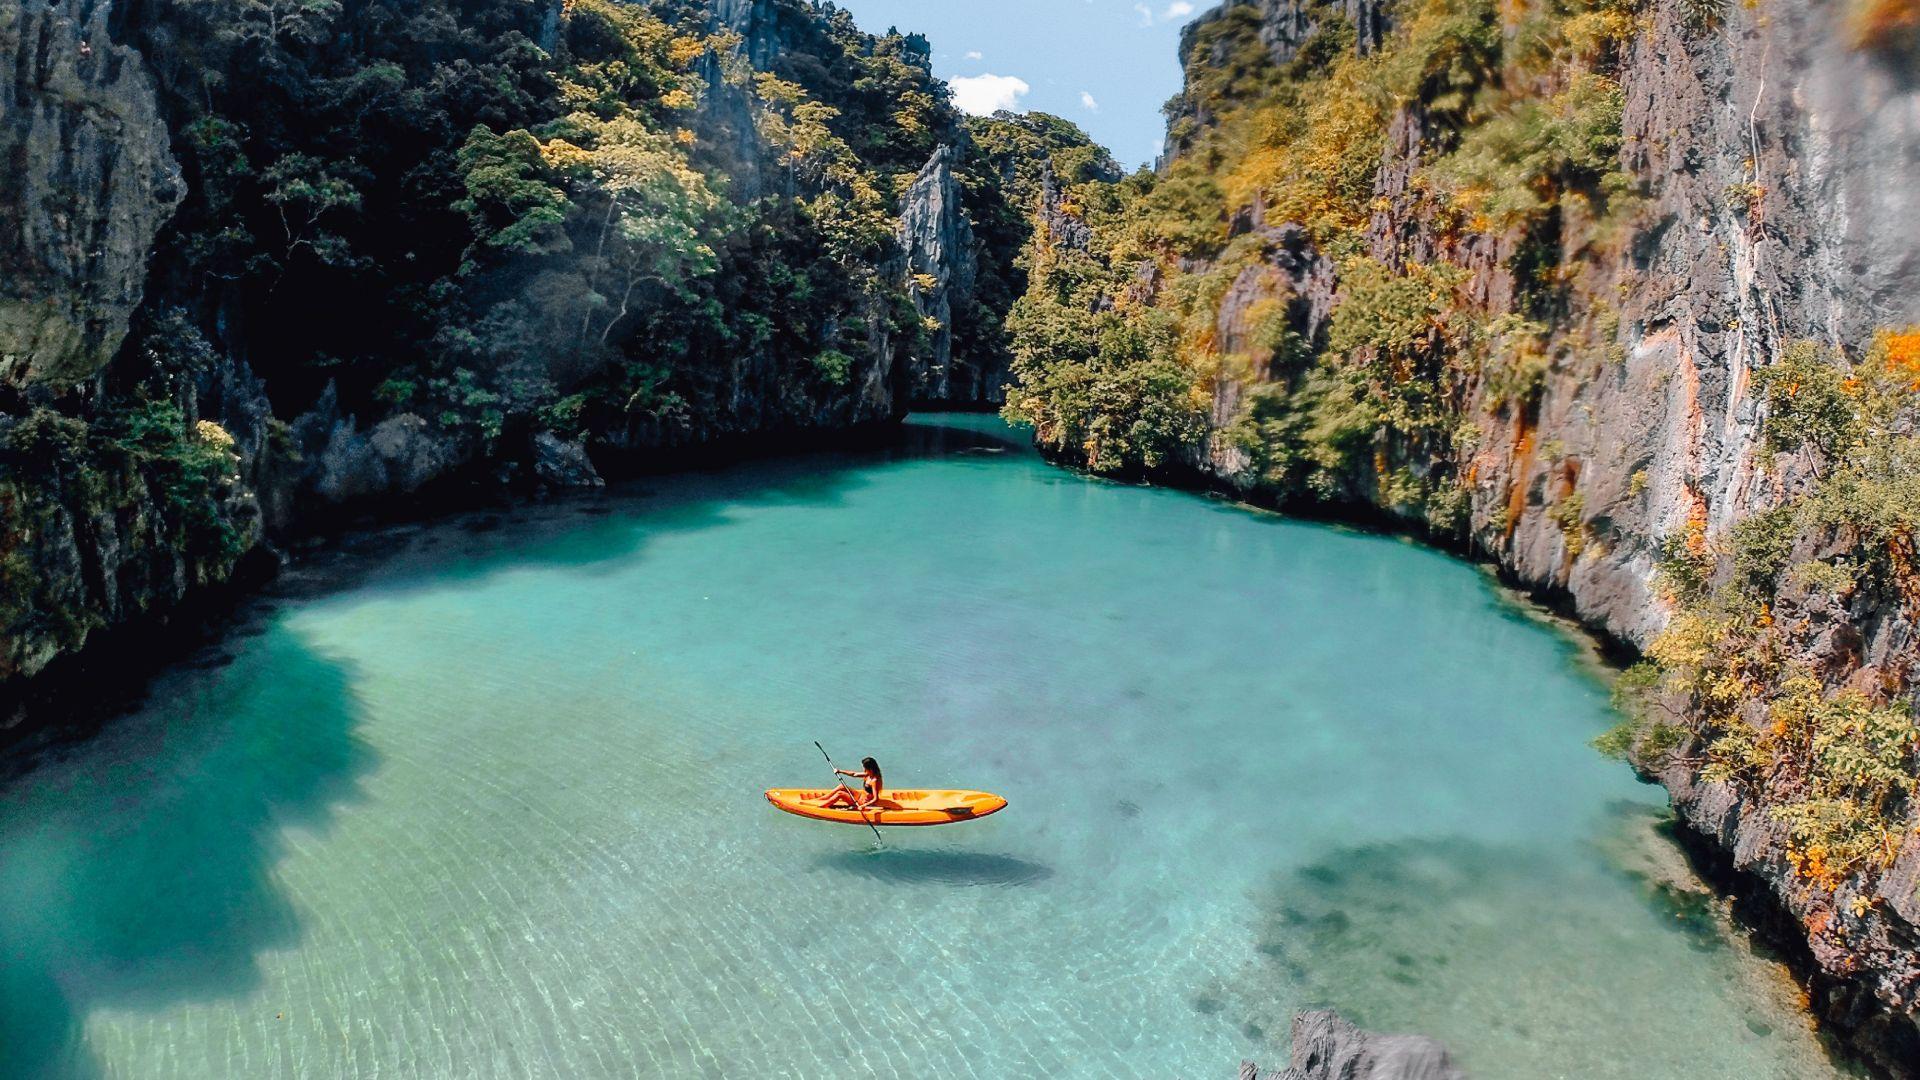 go-pro-adventures-in-the-phillipines-1449568804670.jpg